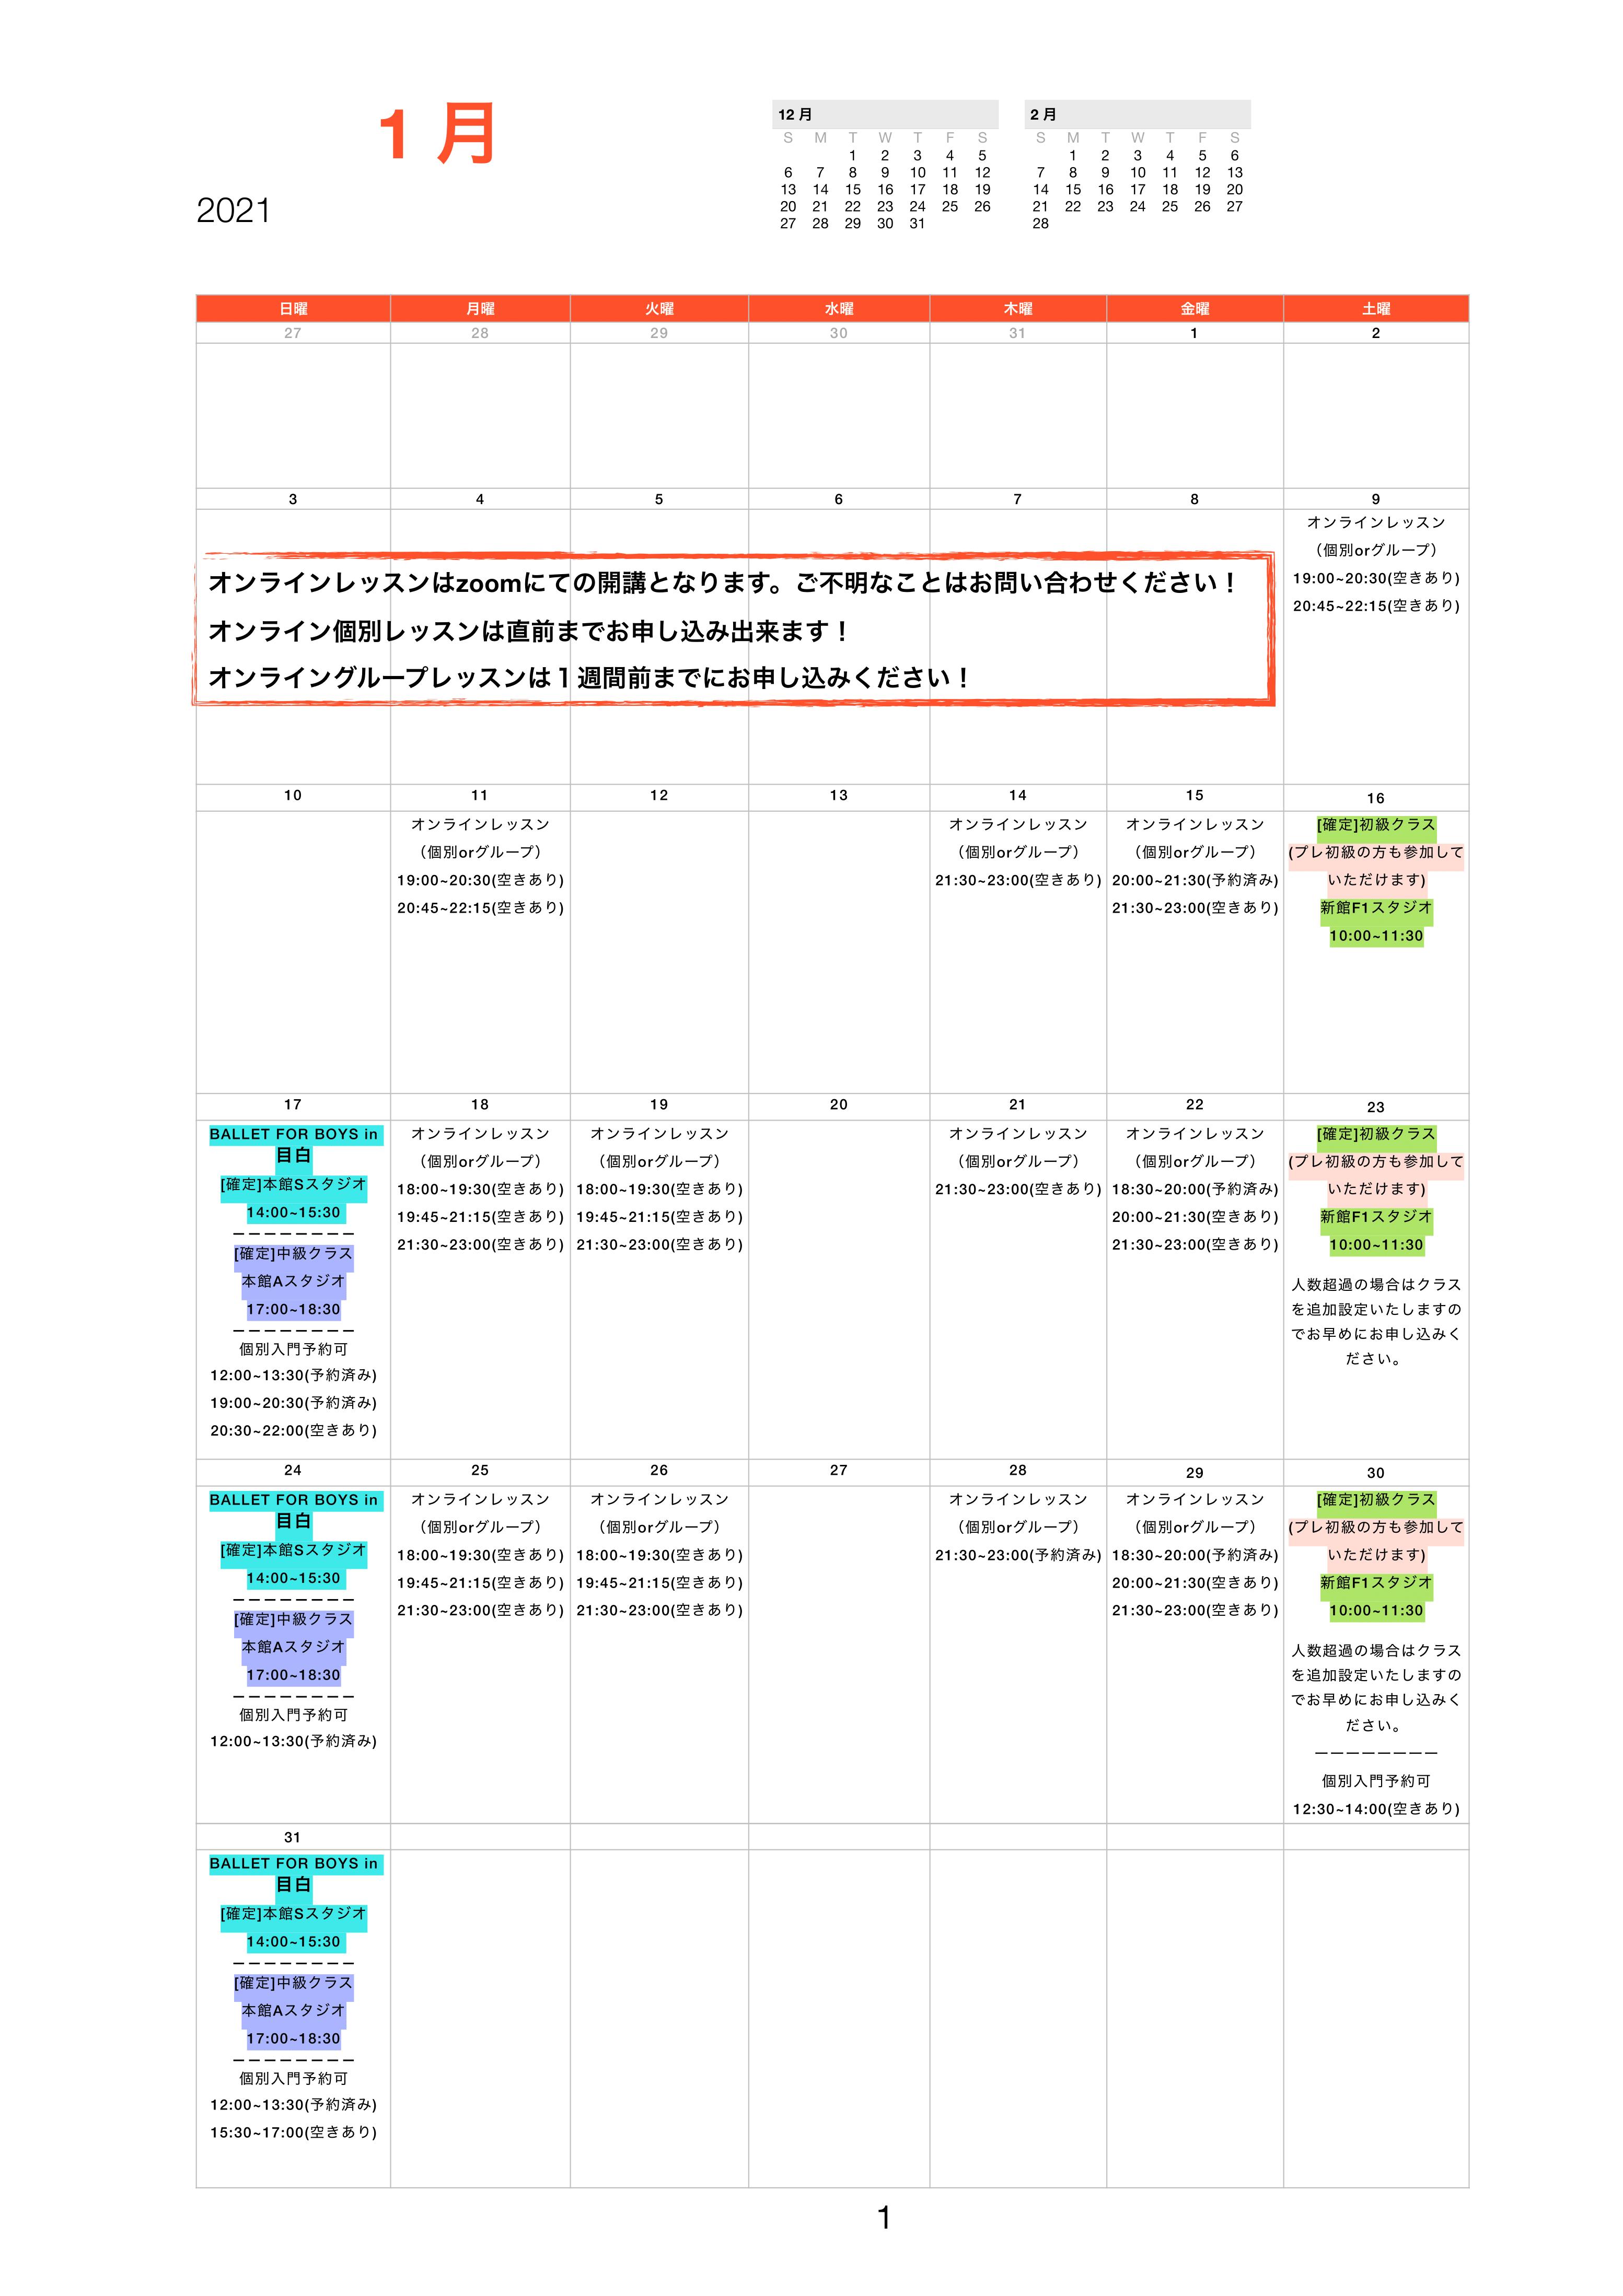 BFMsch2021:1v11オンライン-1